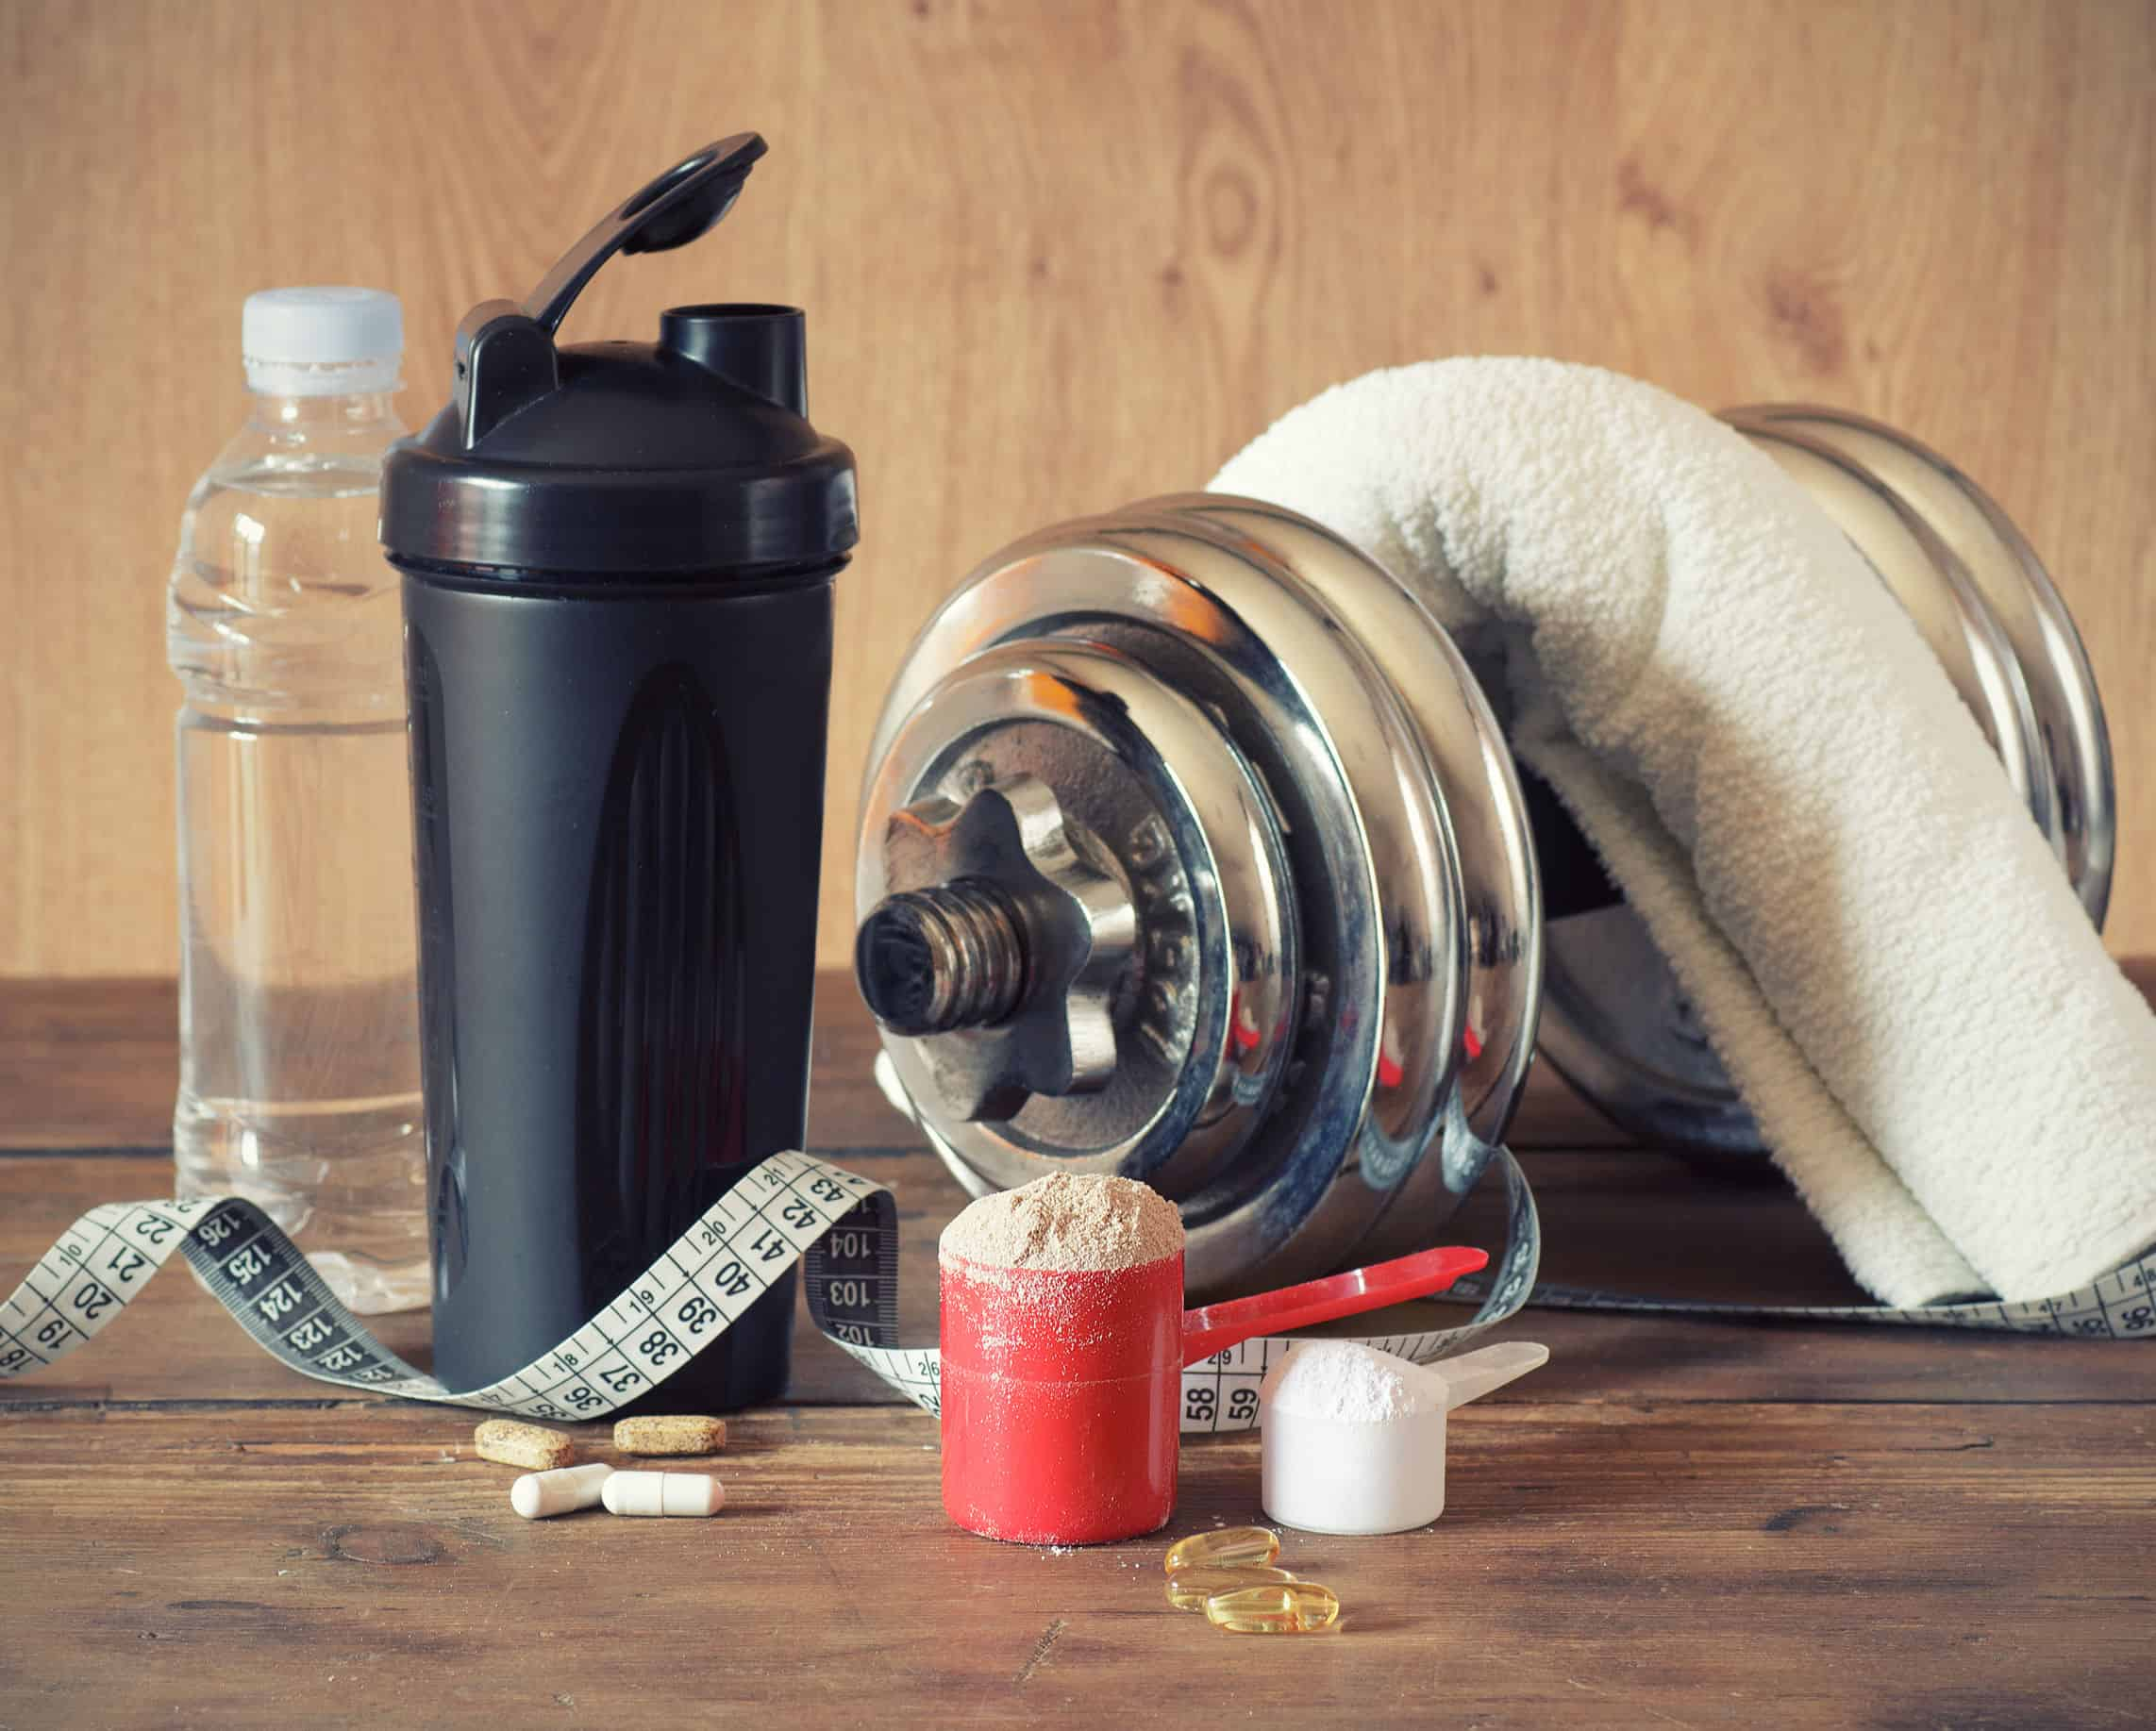 Proteinpulver: Test & Empfehlungen (04/20)